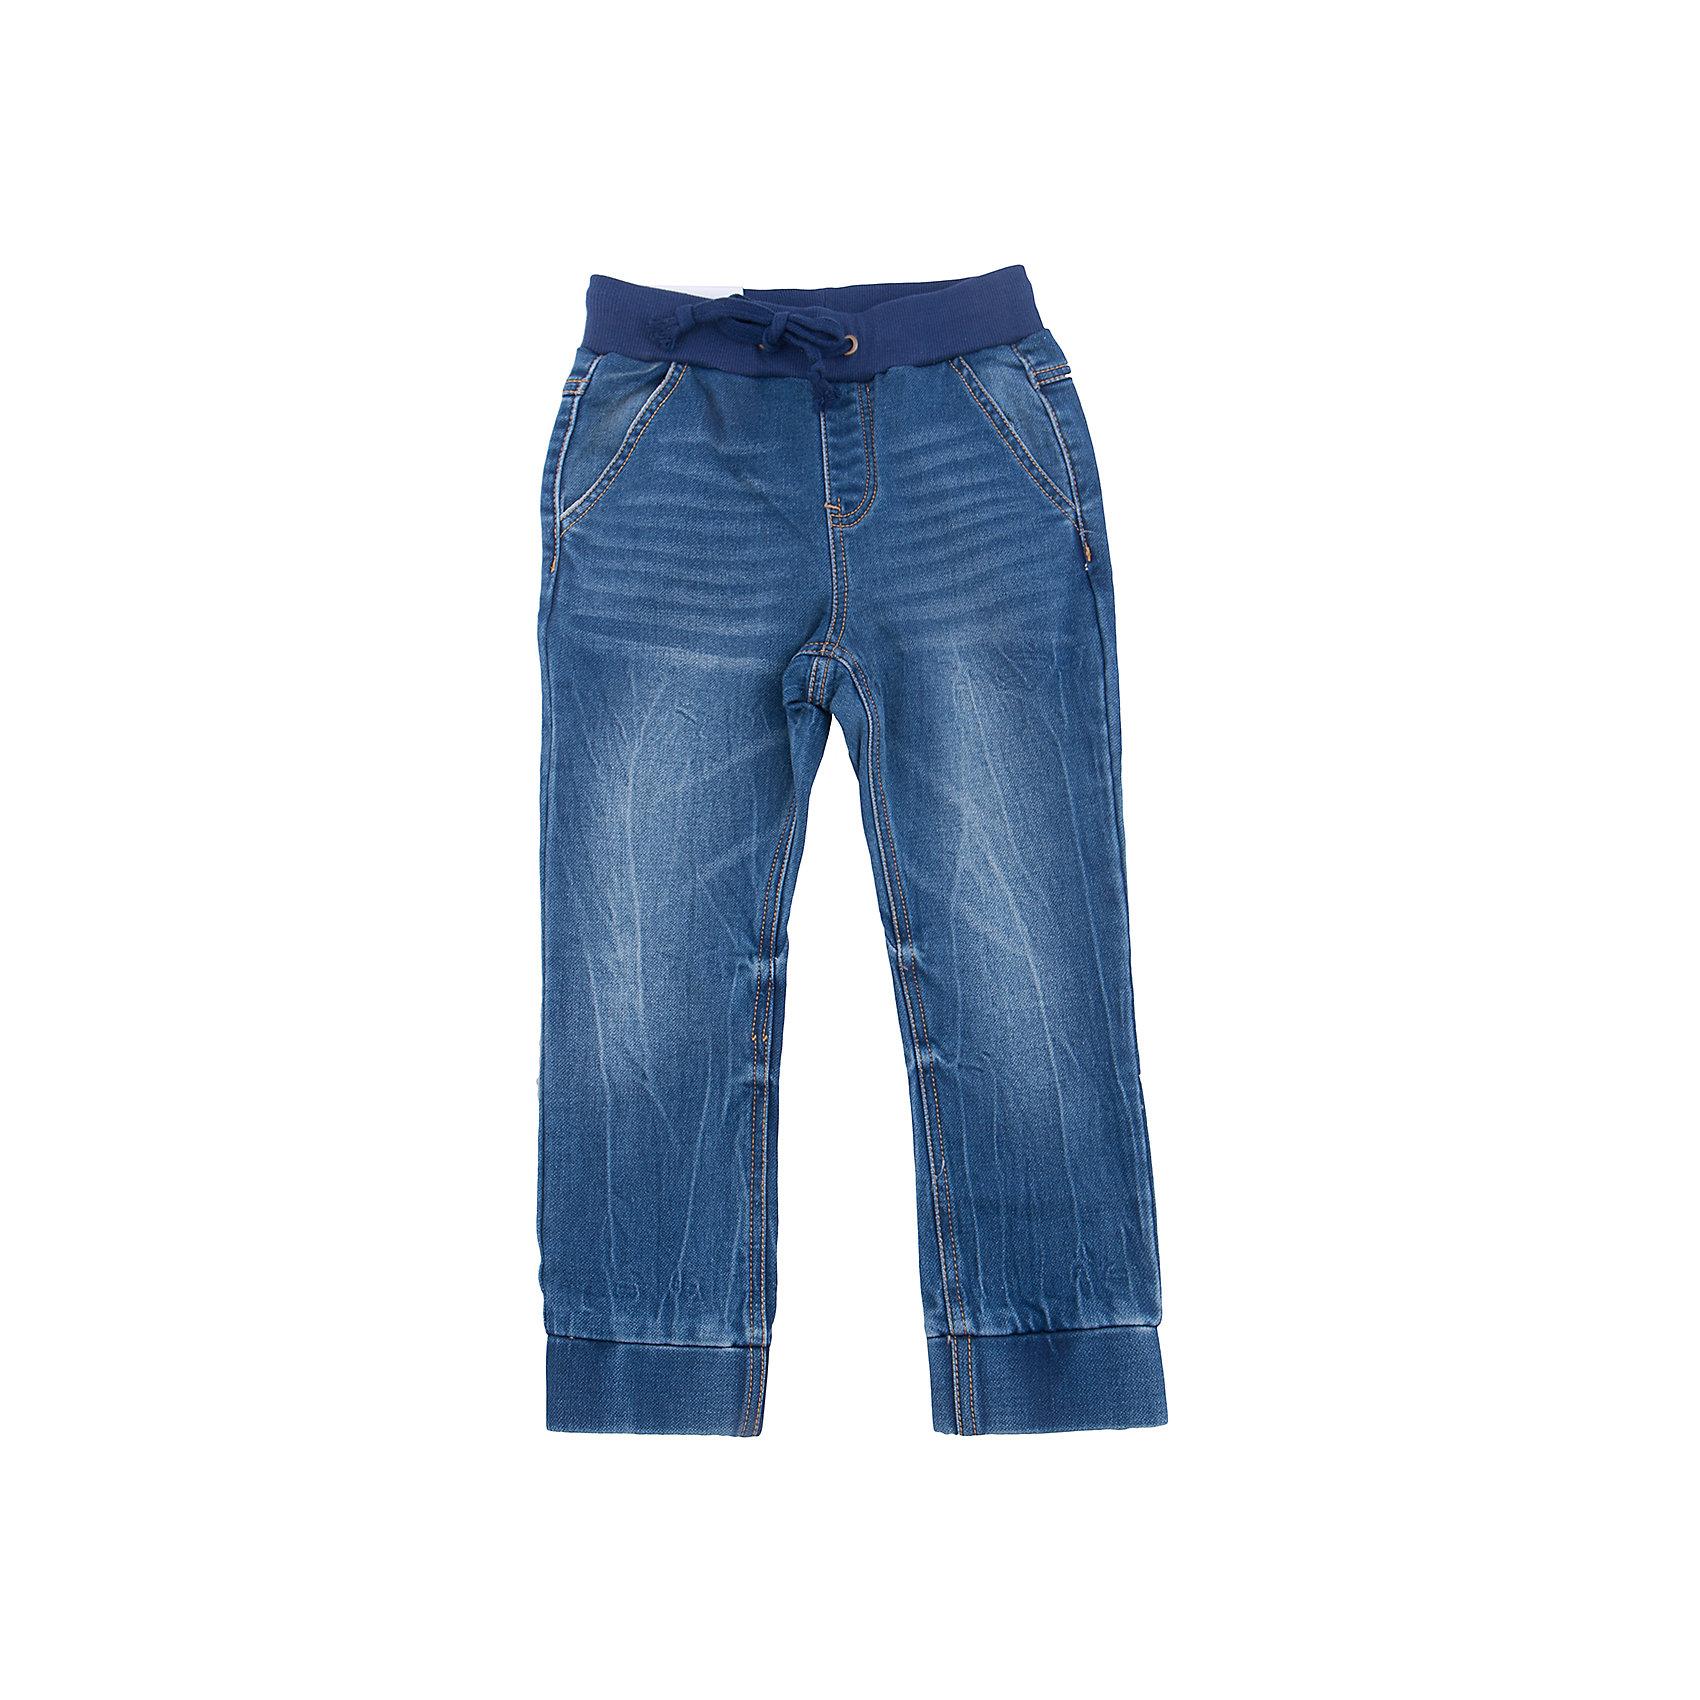 Джинсы для мальчика PlayTodayДжинсы<br>Джинсы для мальчика PlayToday<br>Практичные удобные брюки из джинсовой ткани с эффектом потертости и сжатым эффектом будут уместны в любом гардеробе. Мягкая резинка со шнуром - кулиской позволят регулировать брюки по фигуре. Плотные манжеты по низу брюк придают изделию оригинальность. Не сковывают движений ребенка. <br><br>Преимущества: <br><br>1 накладной и 2 прорезных кармана<br>Мягкая ткань не сковывает движения ребенка<br>Пояс на мягкой резинке со шнуром - кулиской<br><br>Состав:<br>78% хлопок, 20% полиэстер, 2% эластан<br><br>Ширина мм: 215<br>Глубина мм: 88<br>Высота мм: 191<br>Вес г: 336<br>Цвет: синий<br>Возраст от месяцев: 48<br>Возраст до месяцев: 60<br>Пол: Мужской<br>Возраст: Детский<br>Размер: 110,116,122,128,98,104<br>SKU: 5403193